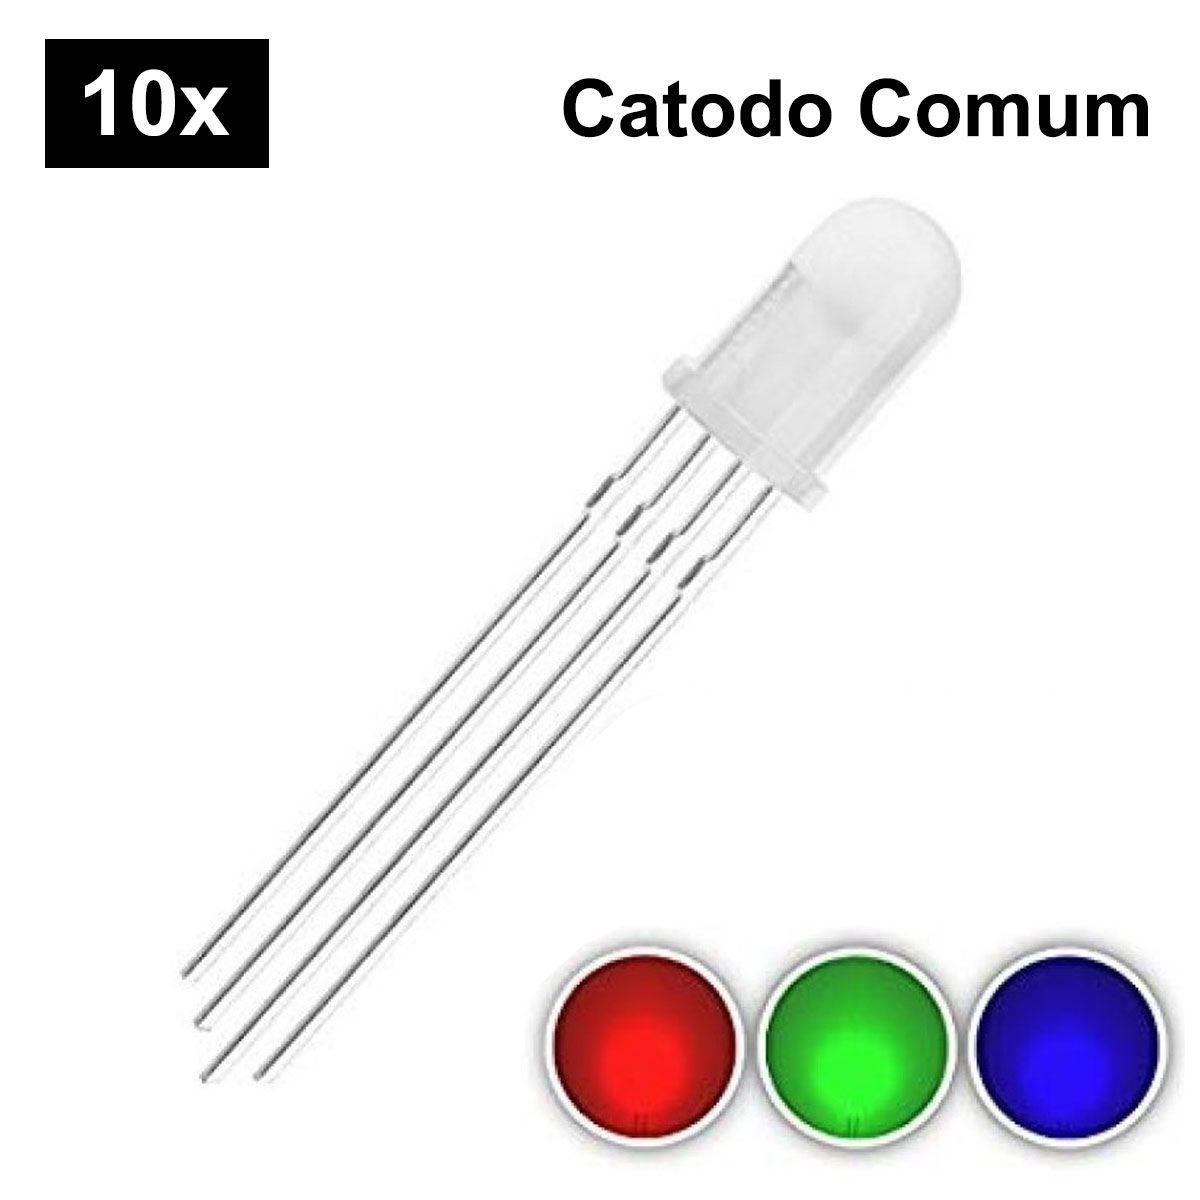 10x Led 5mm RGB 4 Terminais Difuso - Catodo Comum